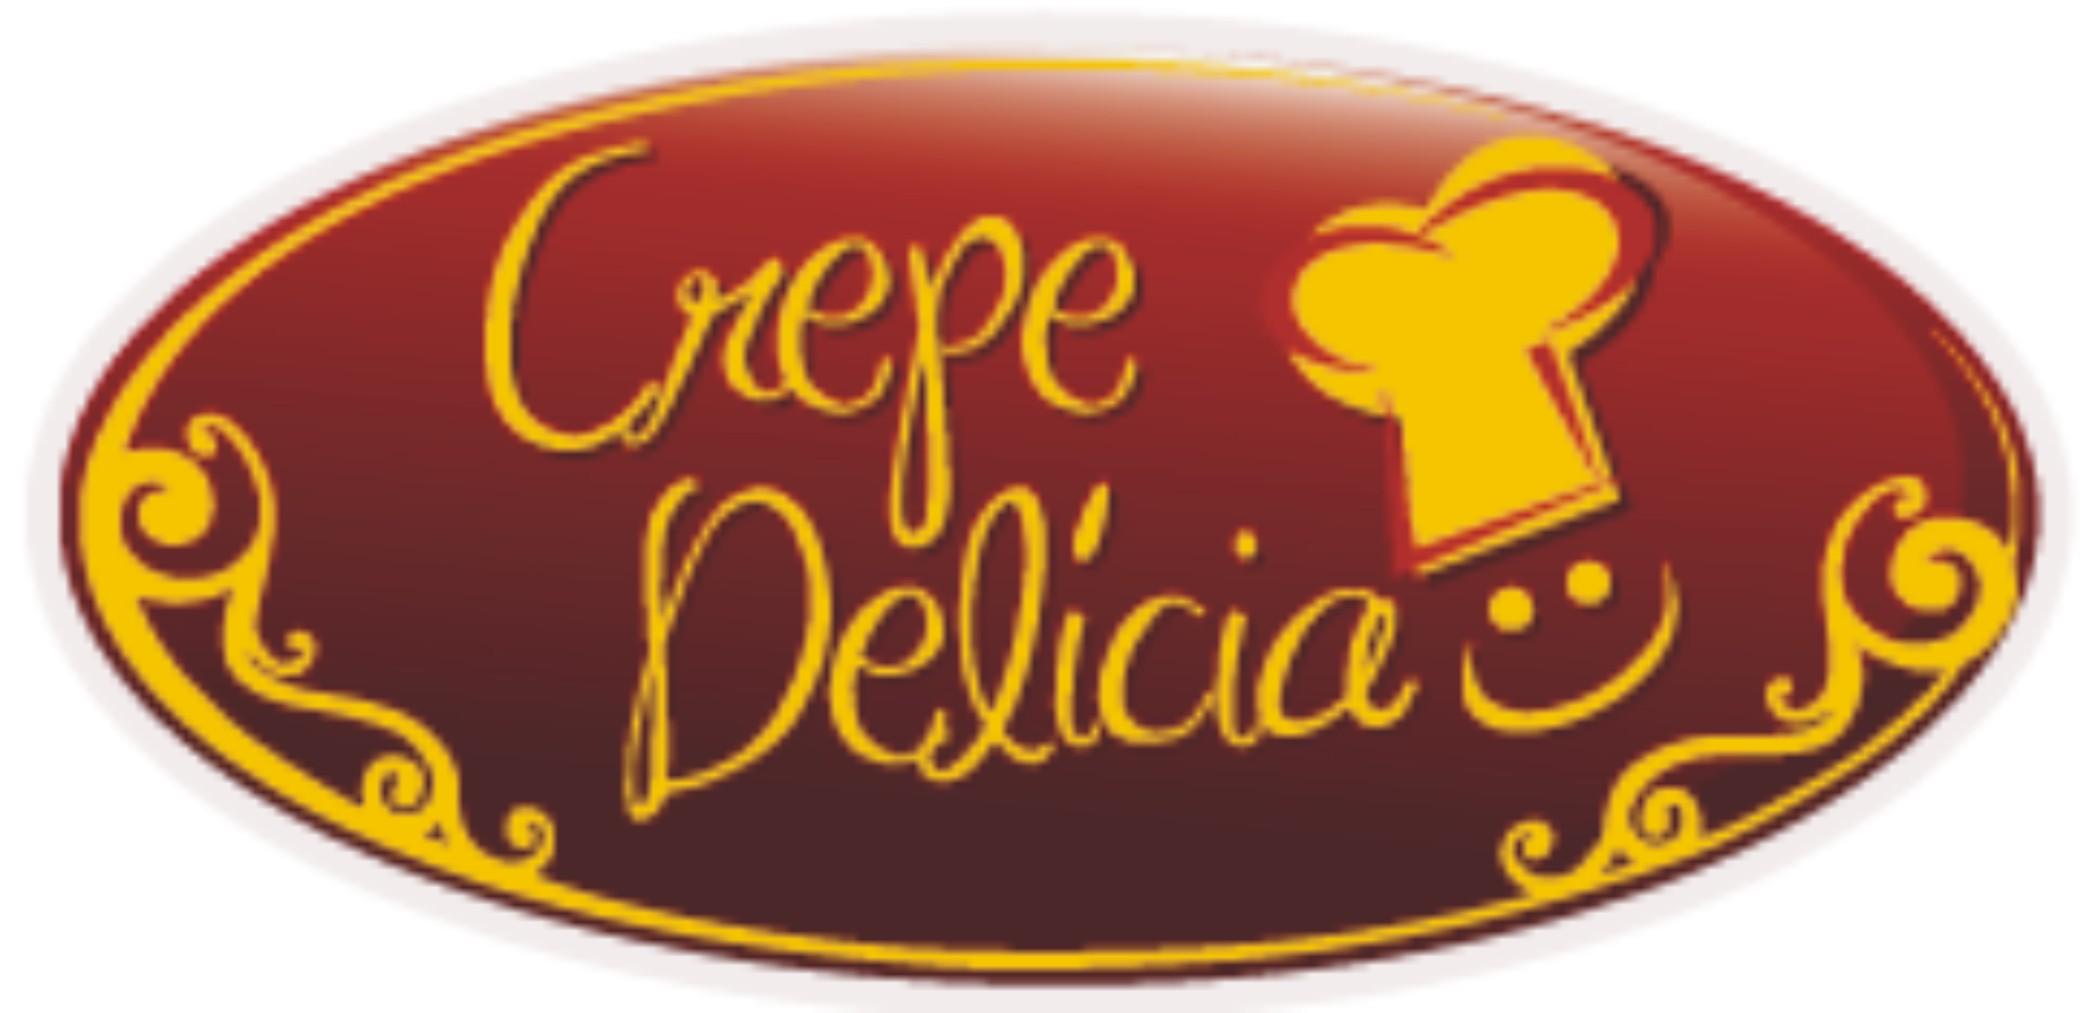 Crepe Delicia